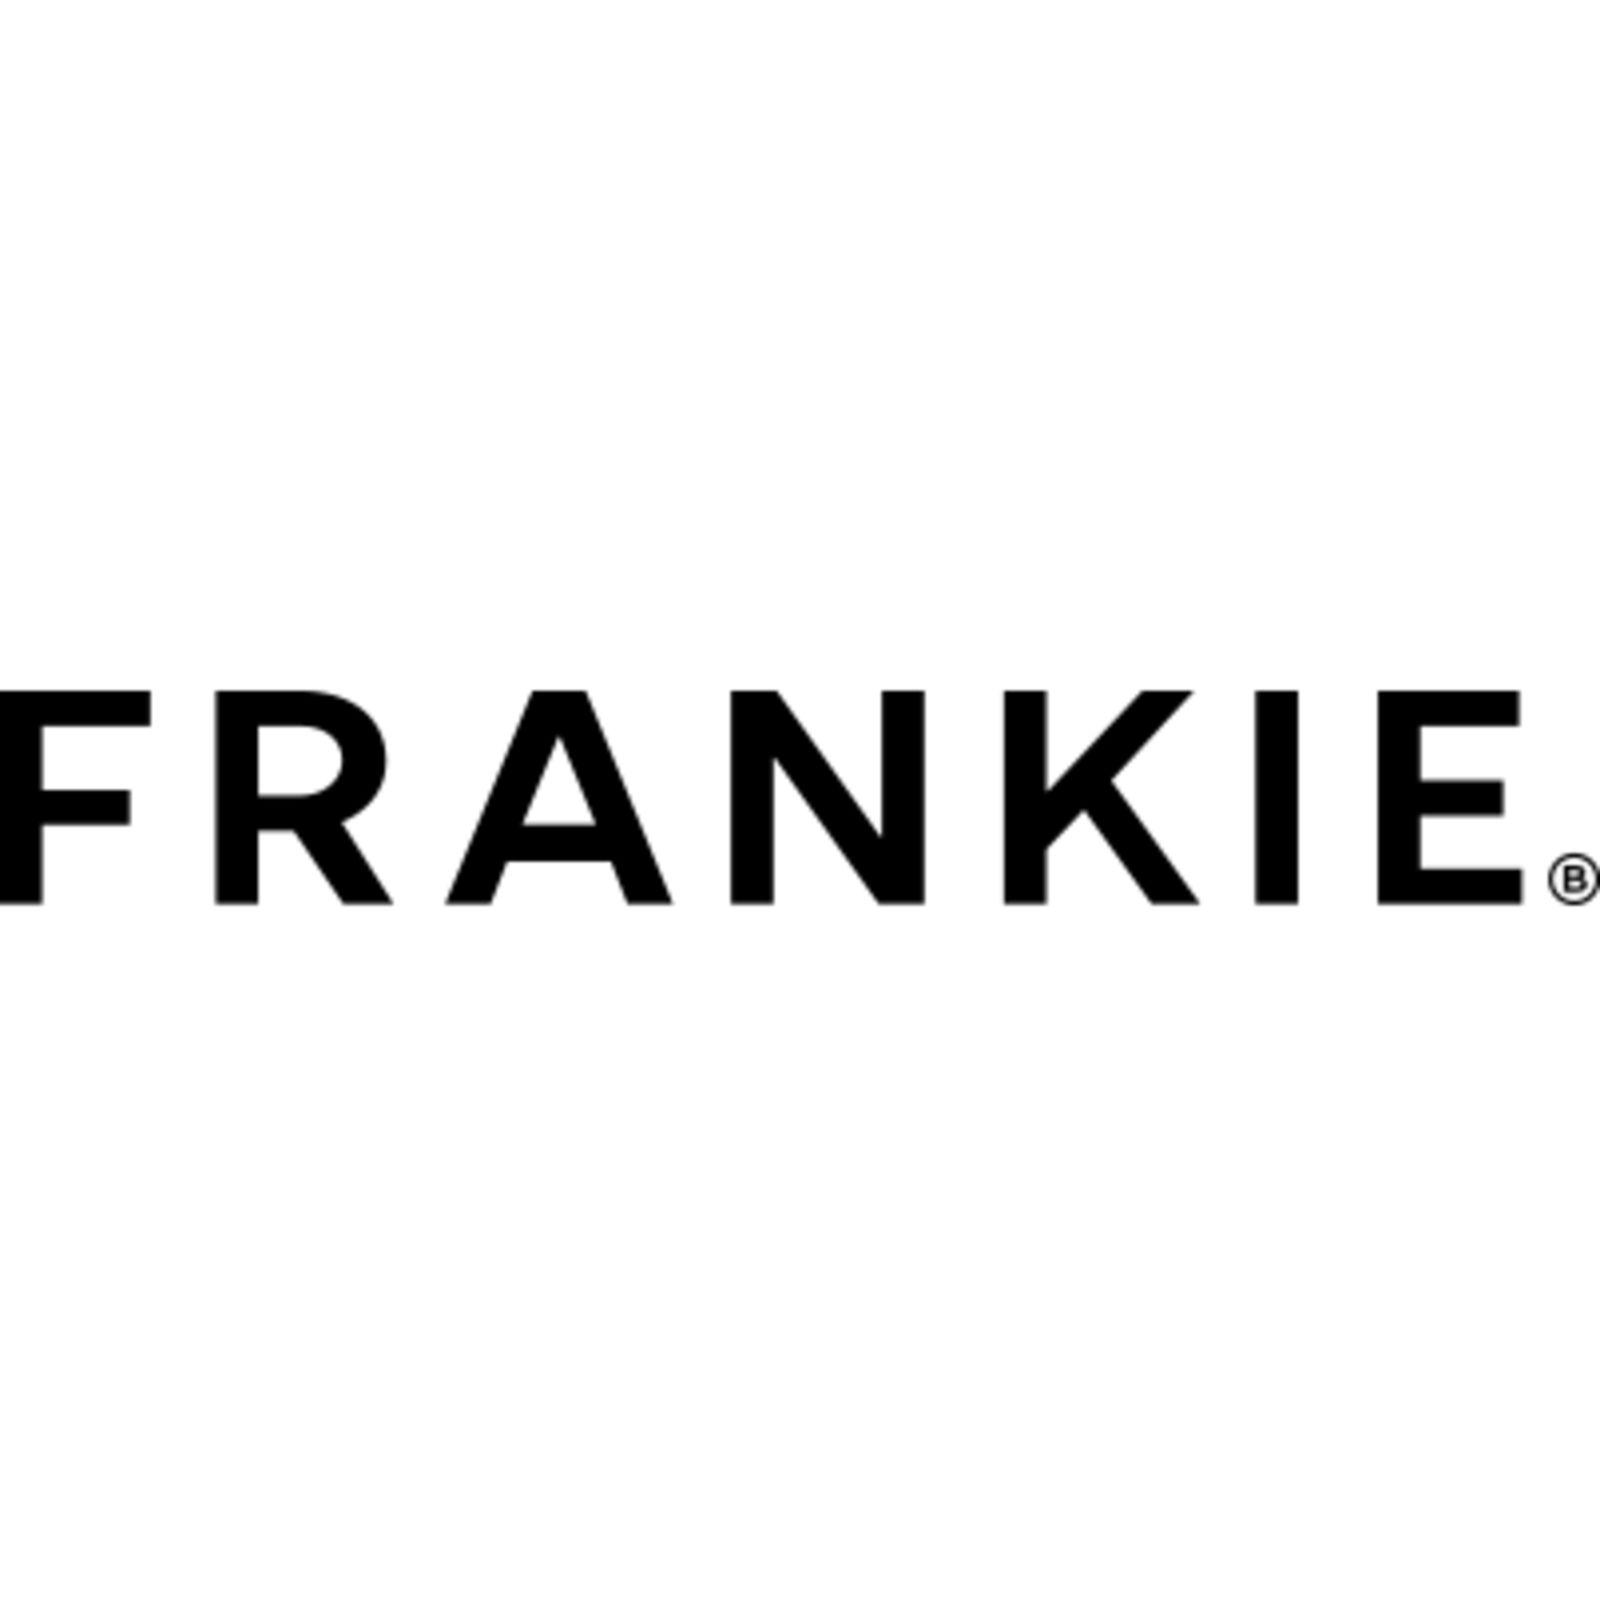 FRANKIE®